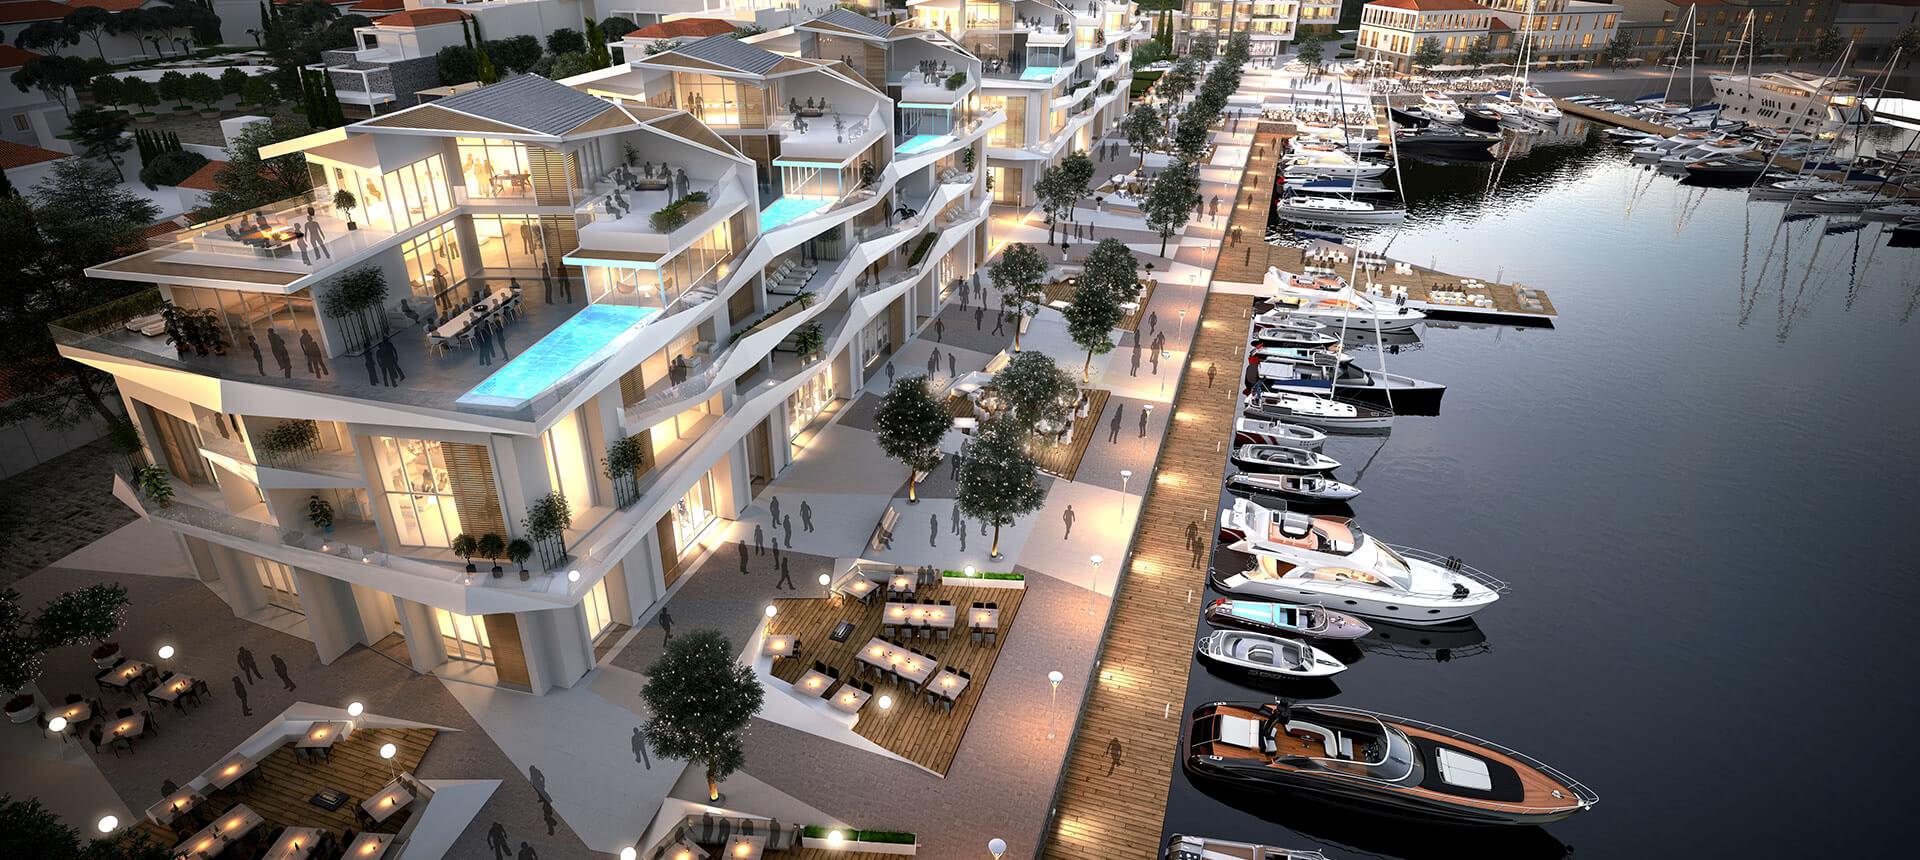 Awesome Portonovi Marina Apartments